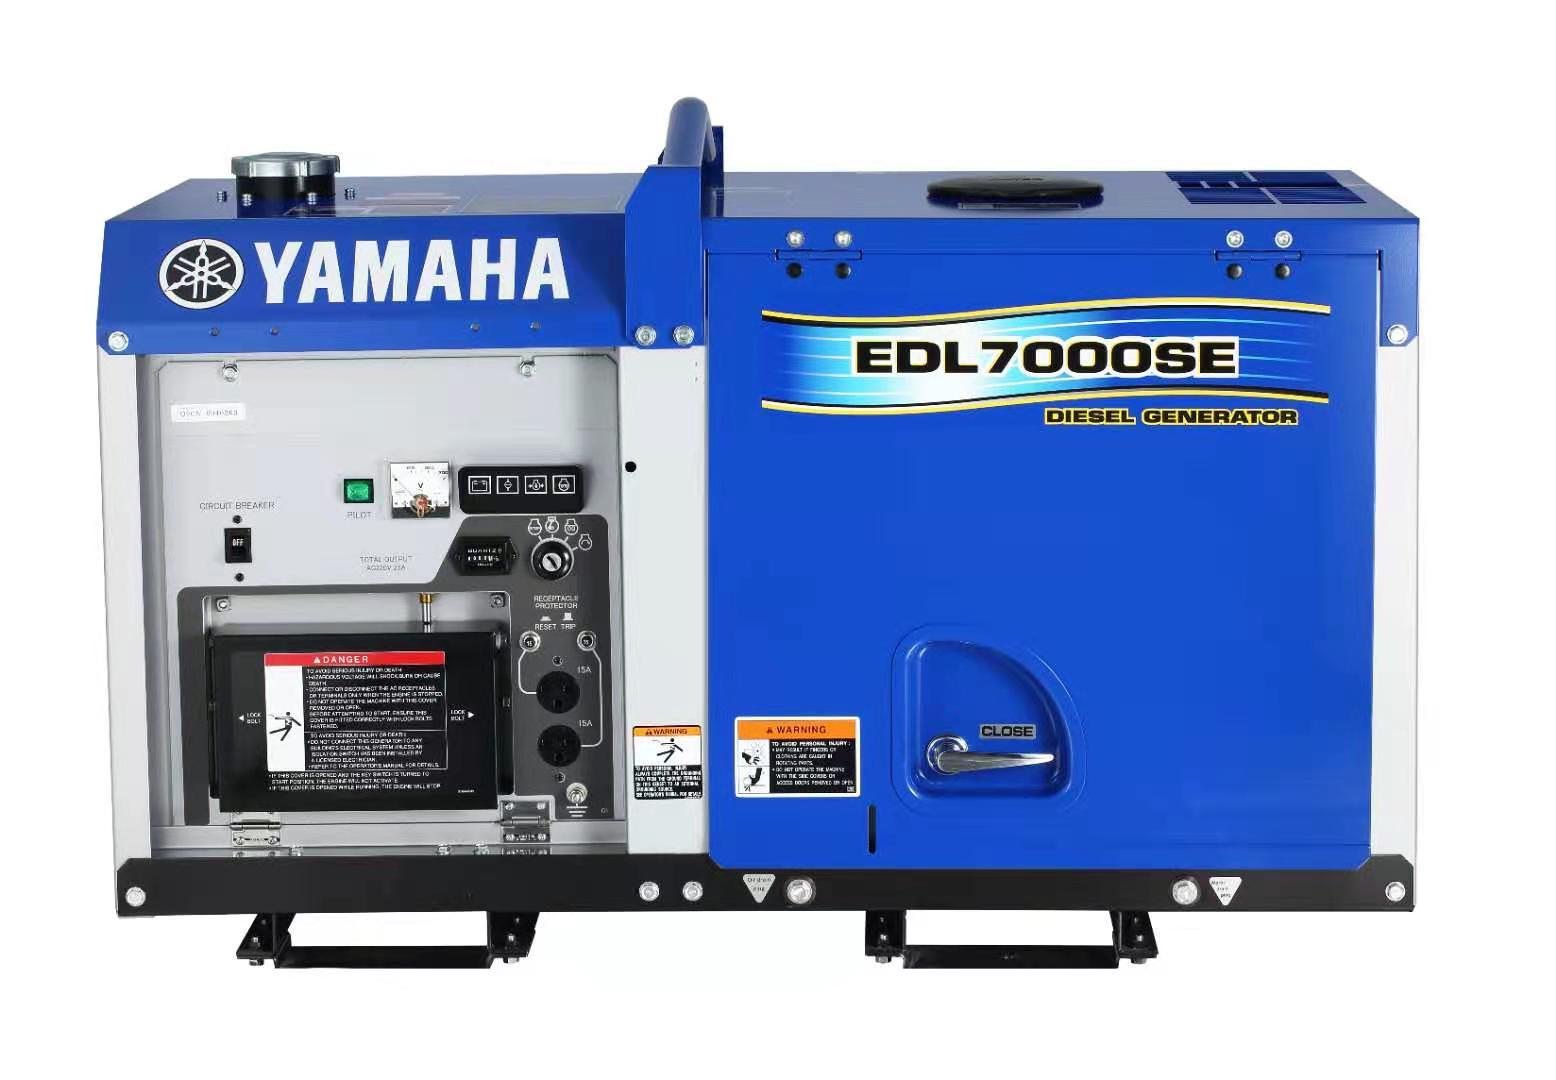 日本雅马哈静音柴油发电机EDL7000SE 单相5.5KW